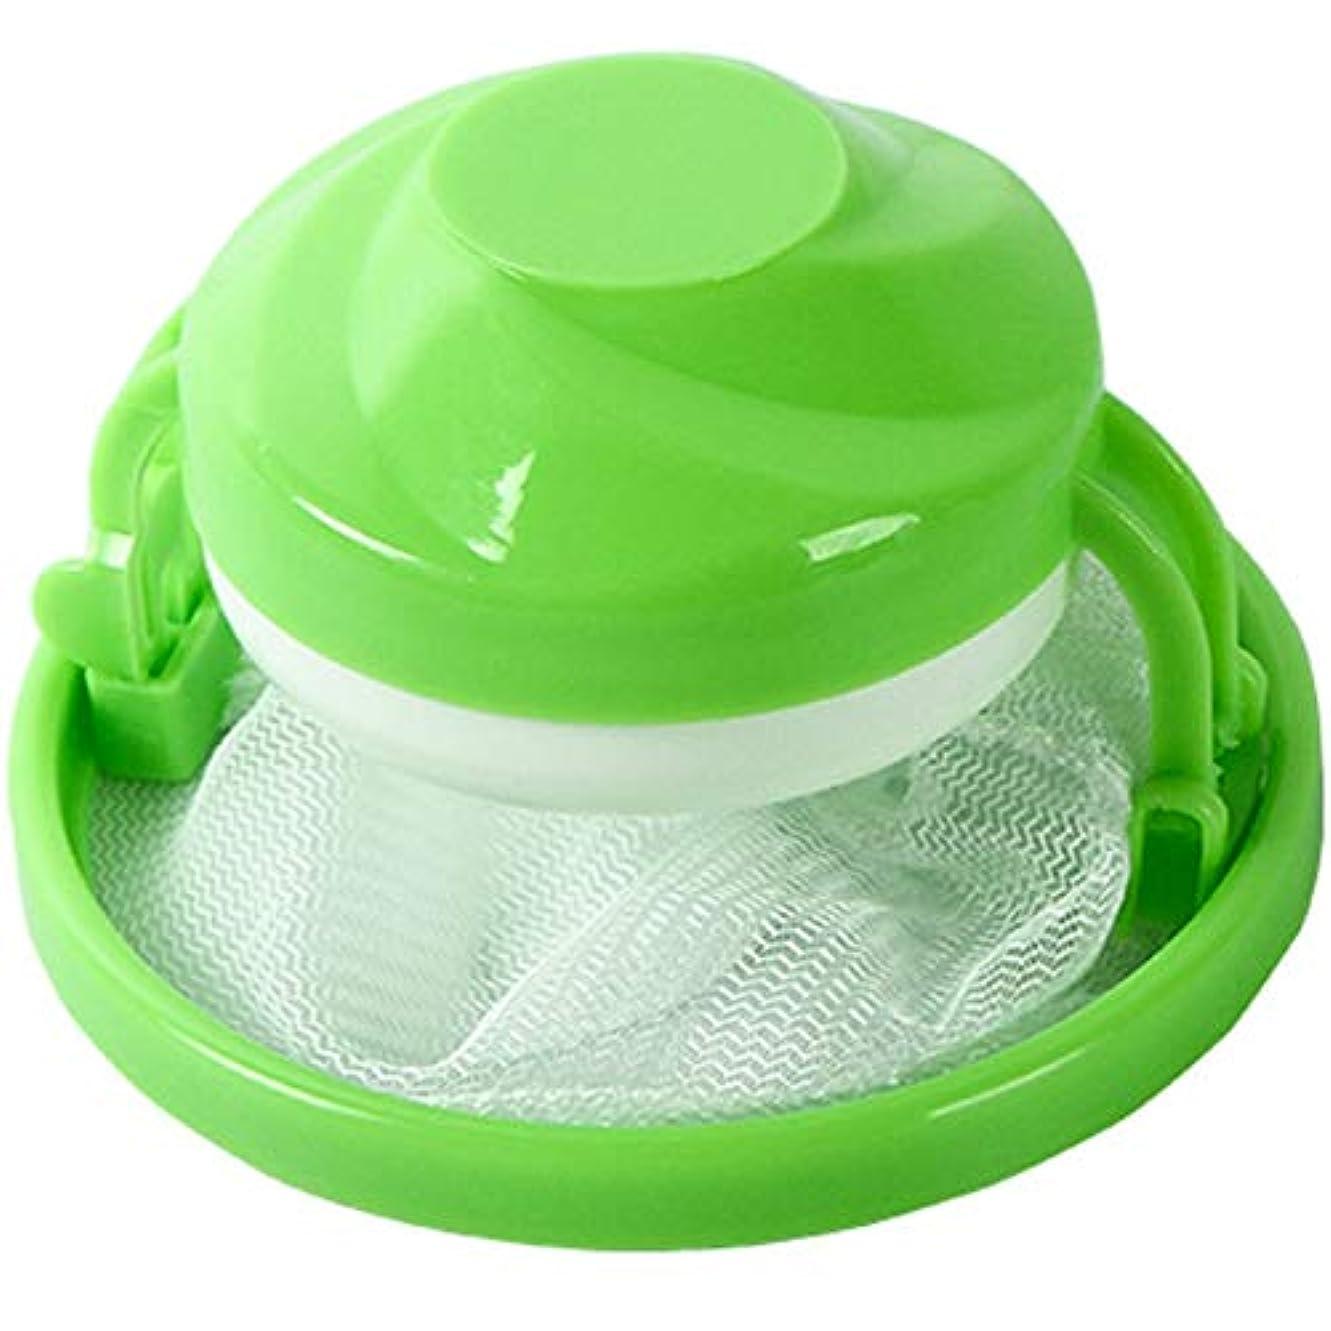 起こりやすいデコードする家庭ACHICOO ヘア リムーバー 洗濯機用 リント&ペット用 フローティング 緑